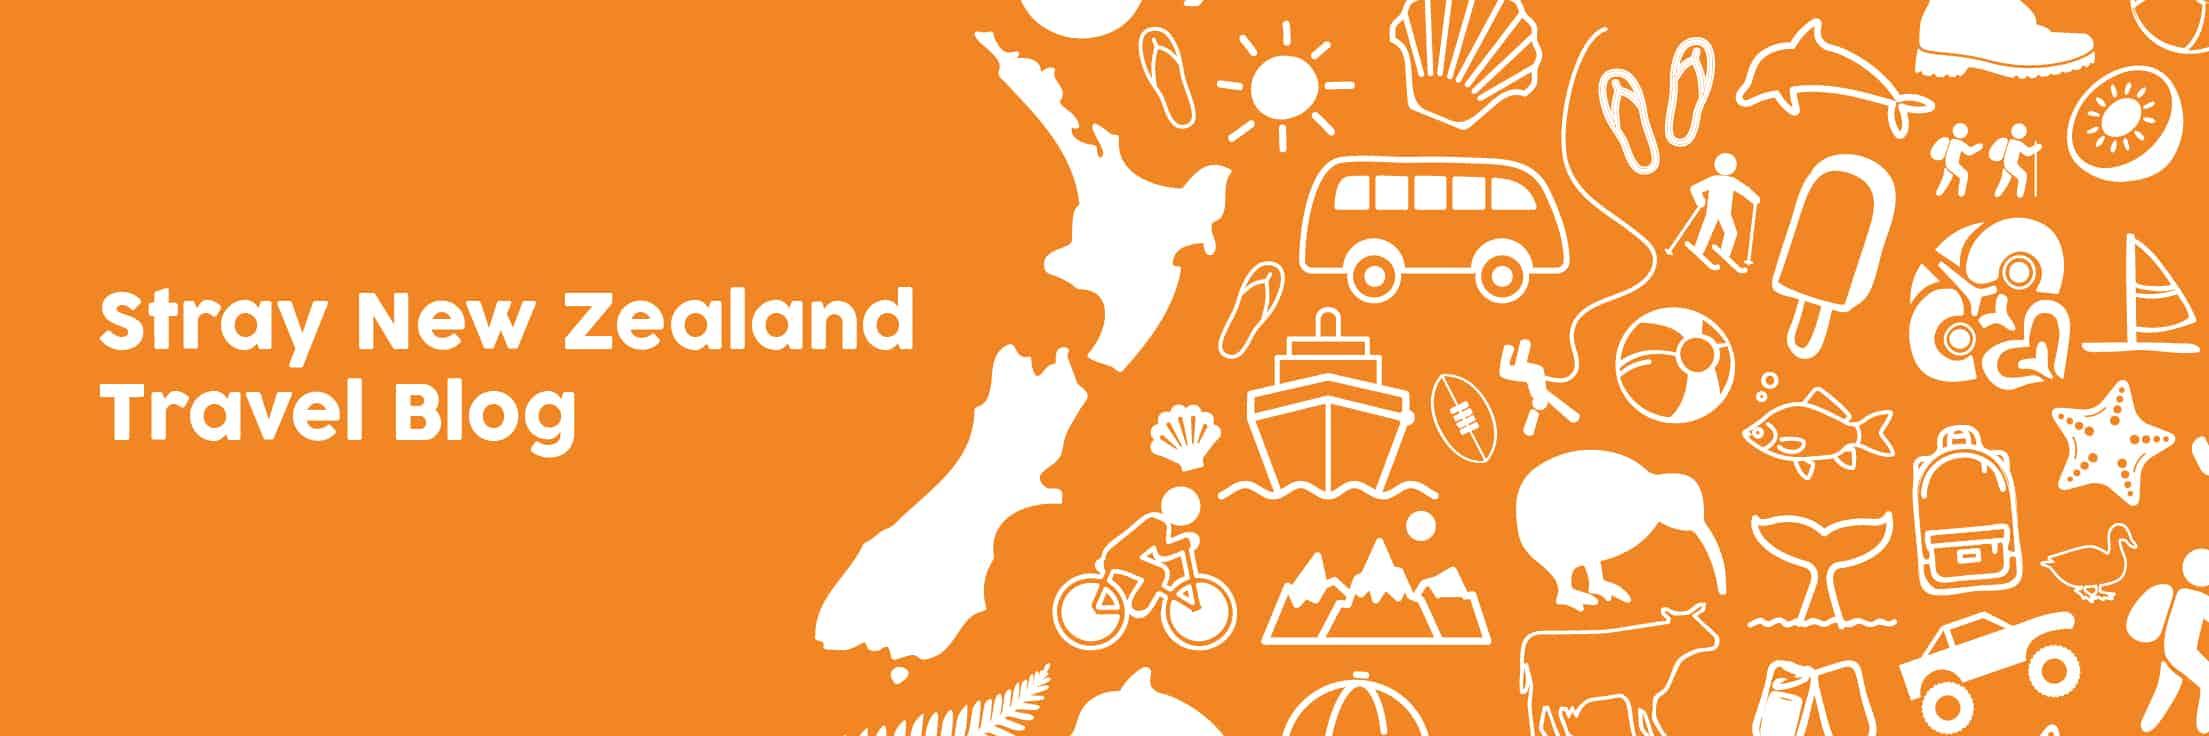 Stray's New Zealand Travel Blog